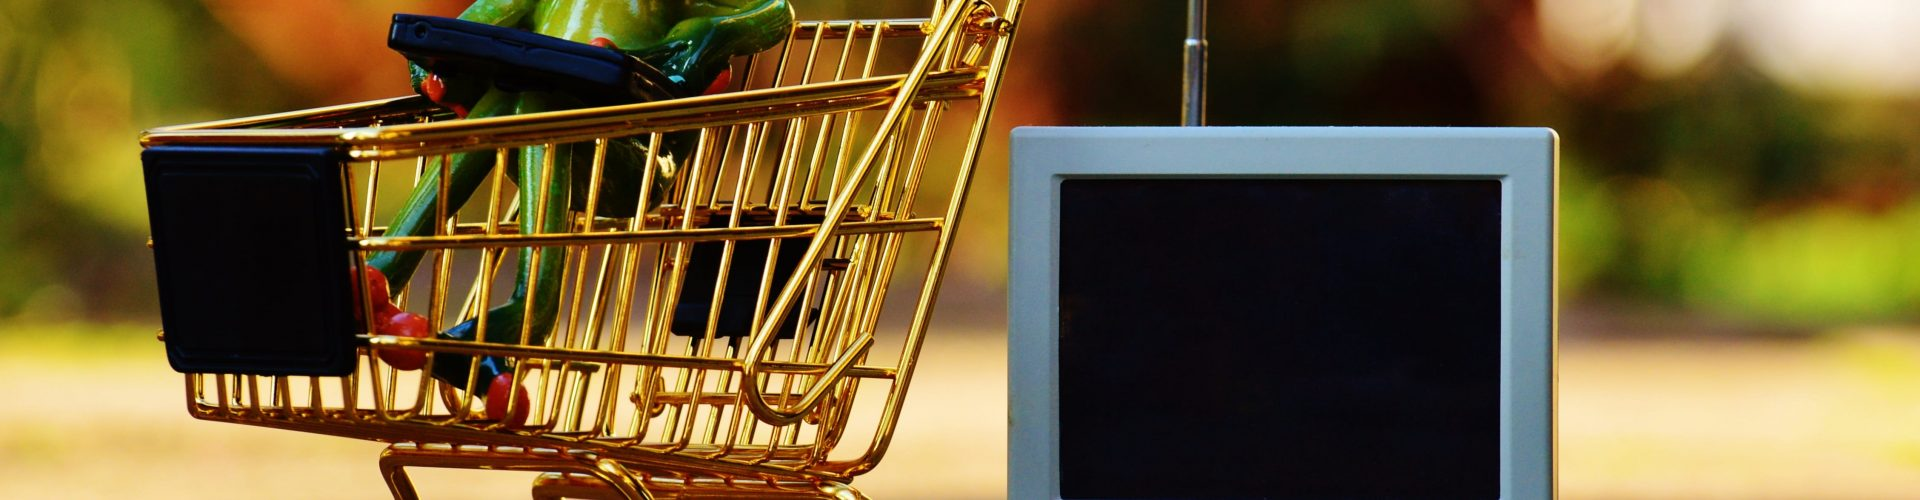 2b0a223b69e5 Come scegliere i migliori siti per fare acquisti online sicuri ...